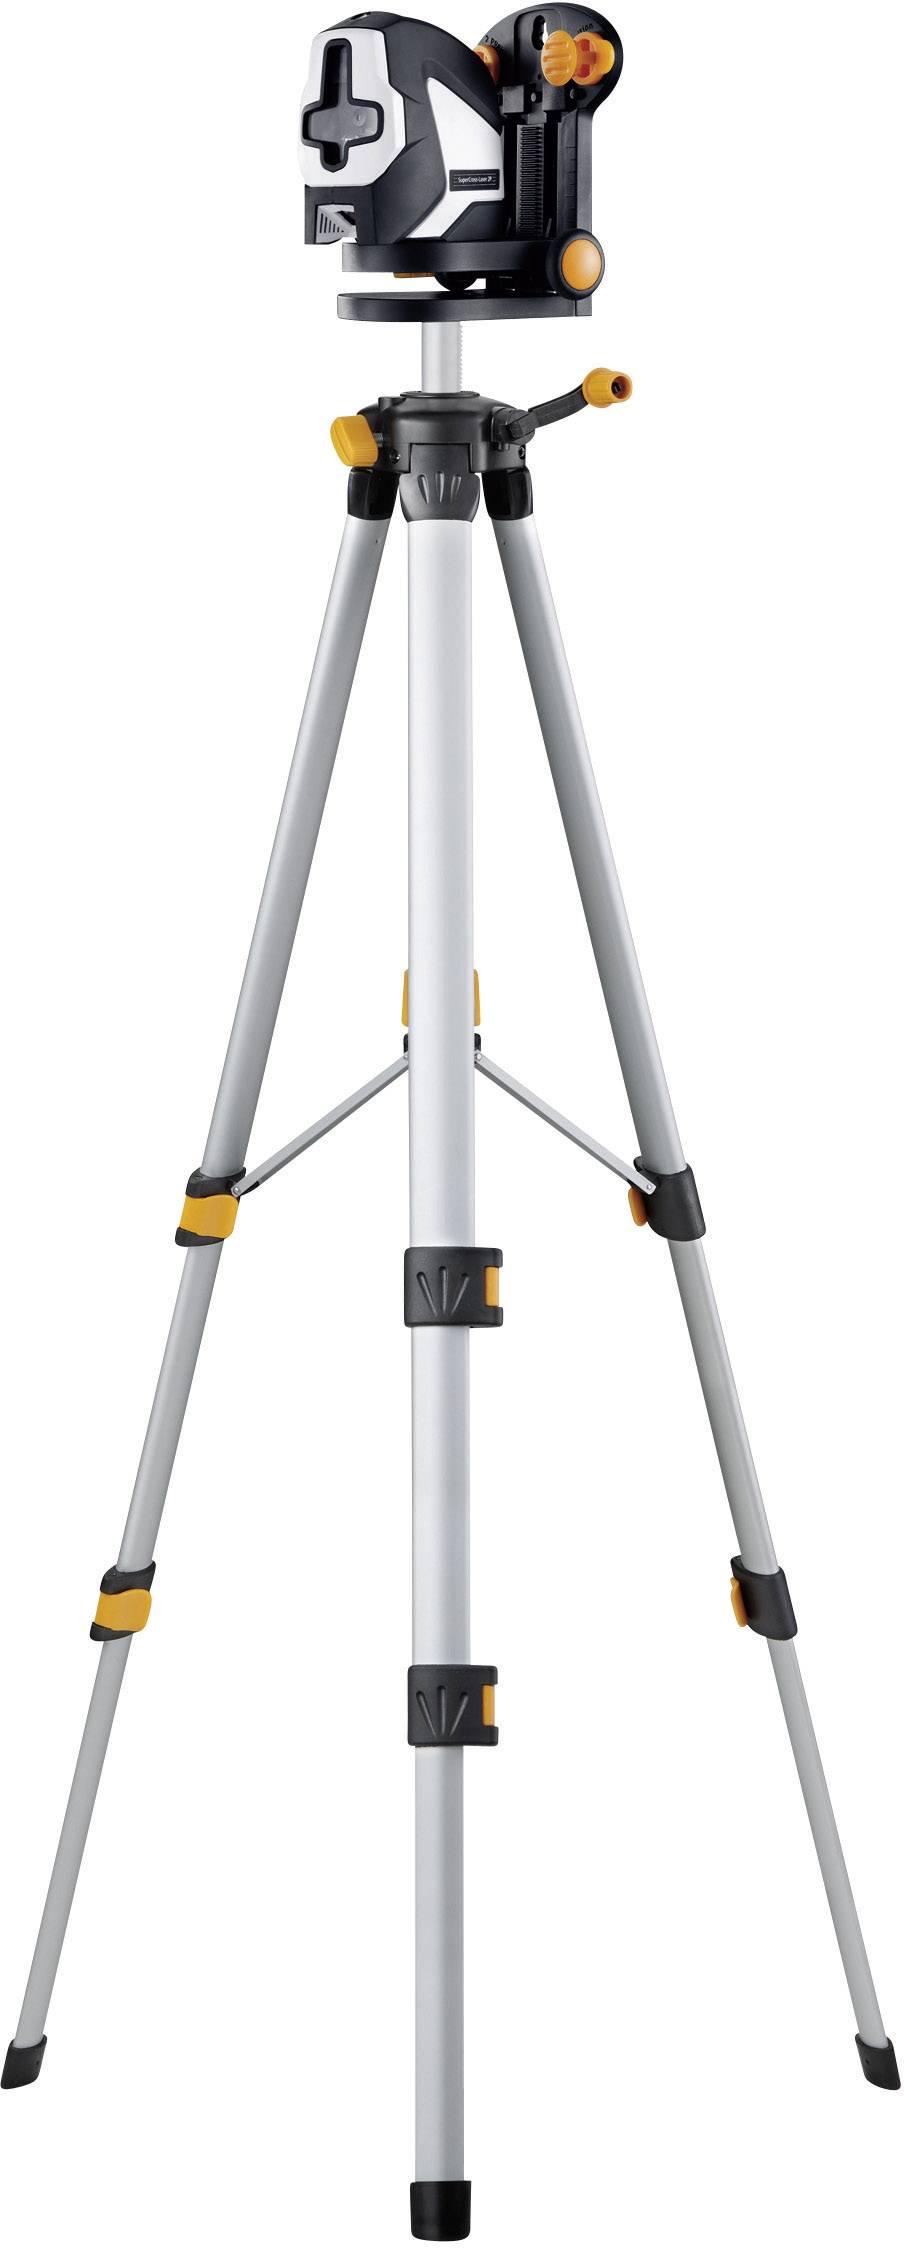 Křížový laser samonivelační, vč. stativu Laserliner SuperCross-Laser 2P RX Set 150, dosah (max.): 20 m, Kalibrováno dle: podnikový standard (bez certifikátu) (own)